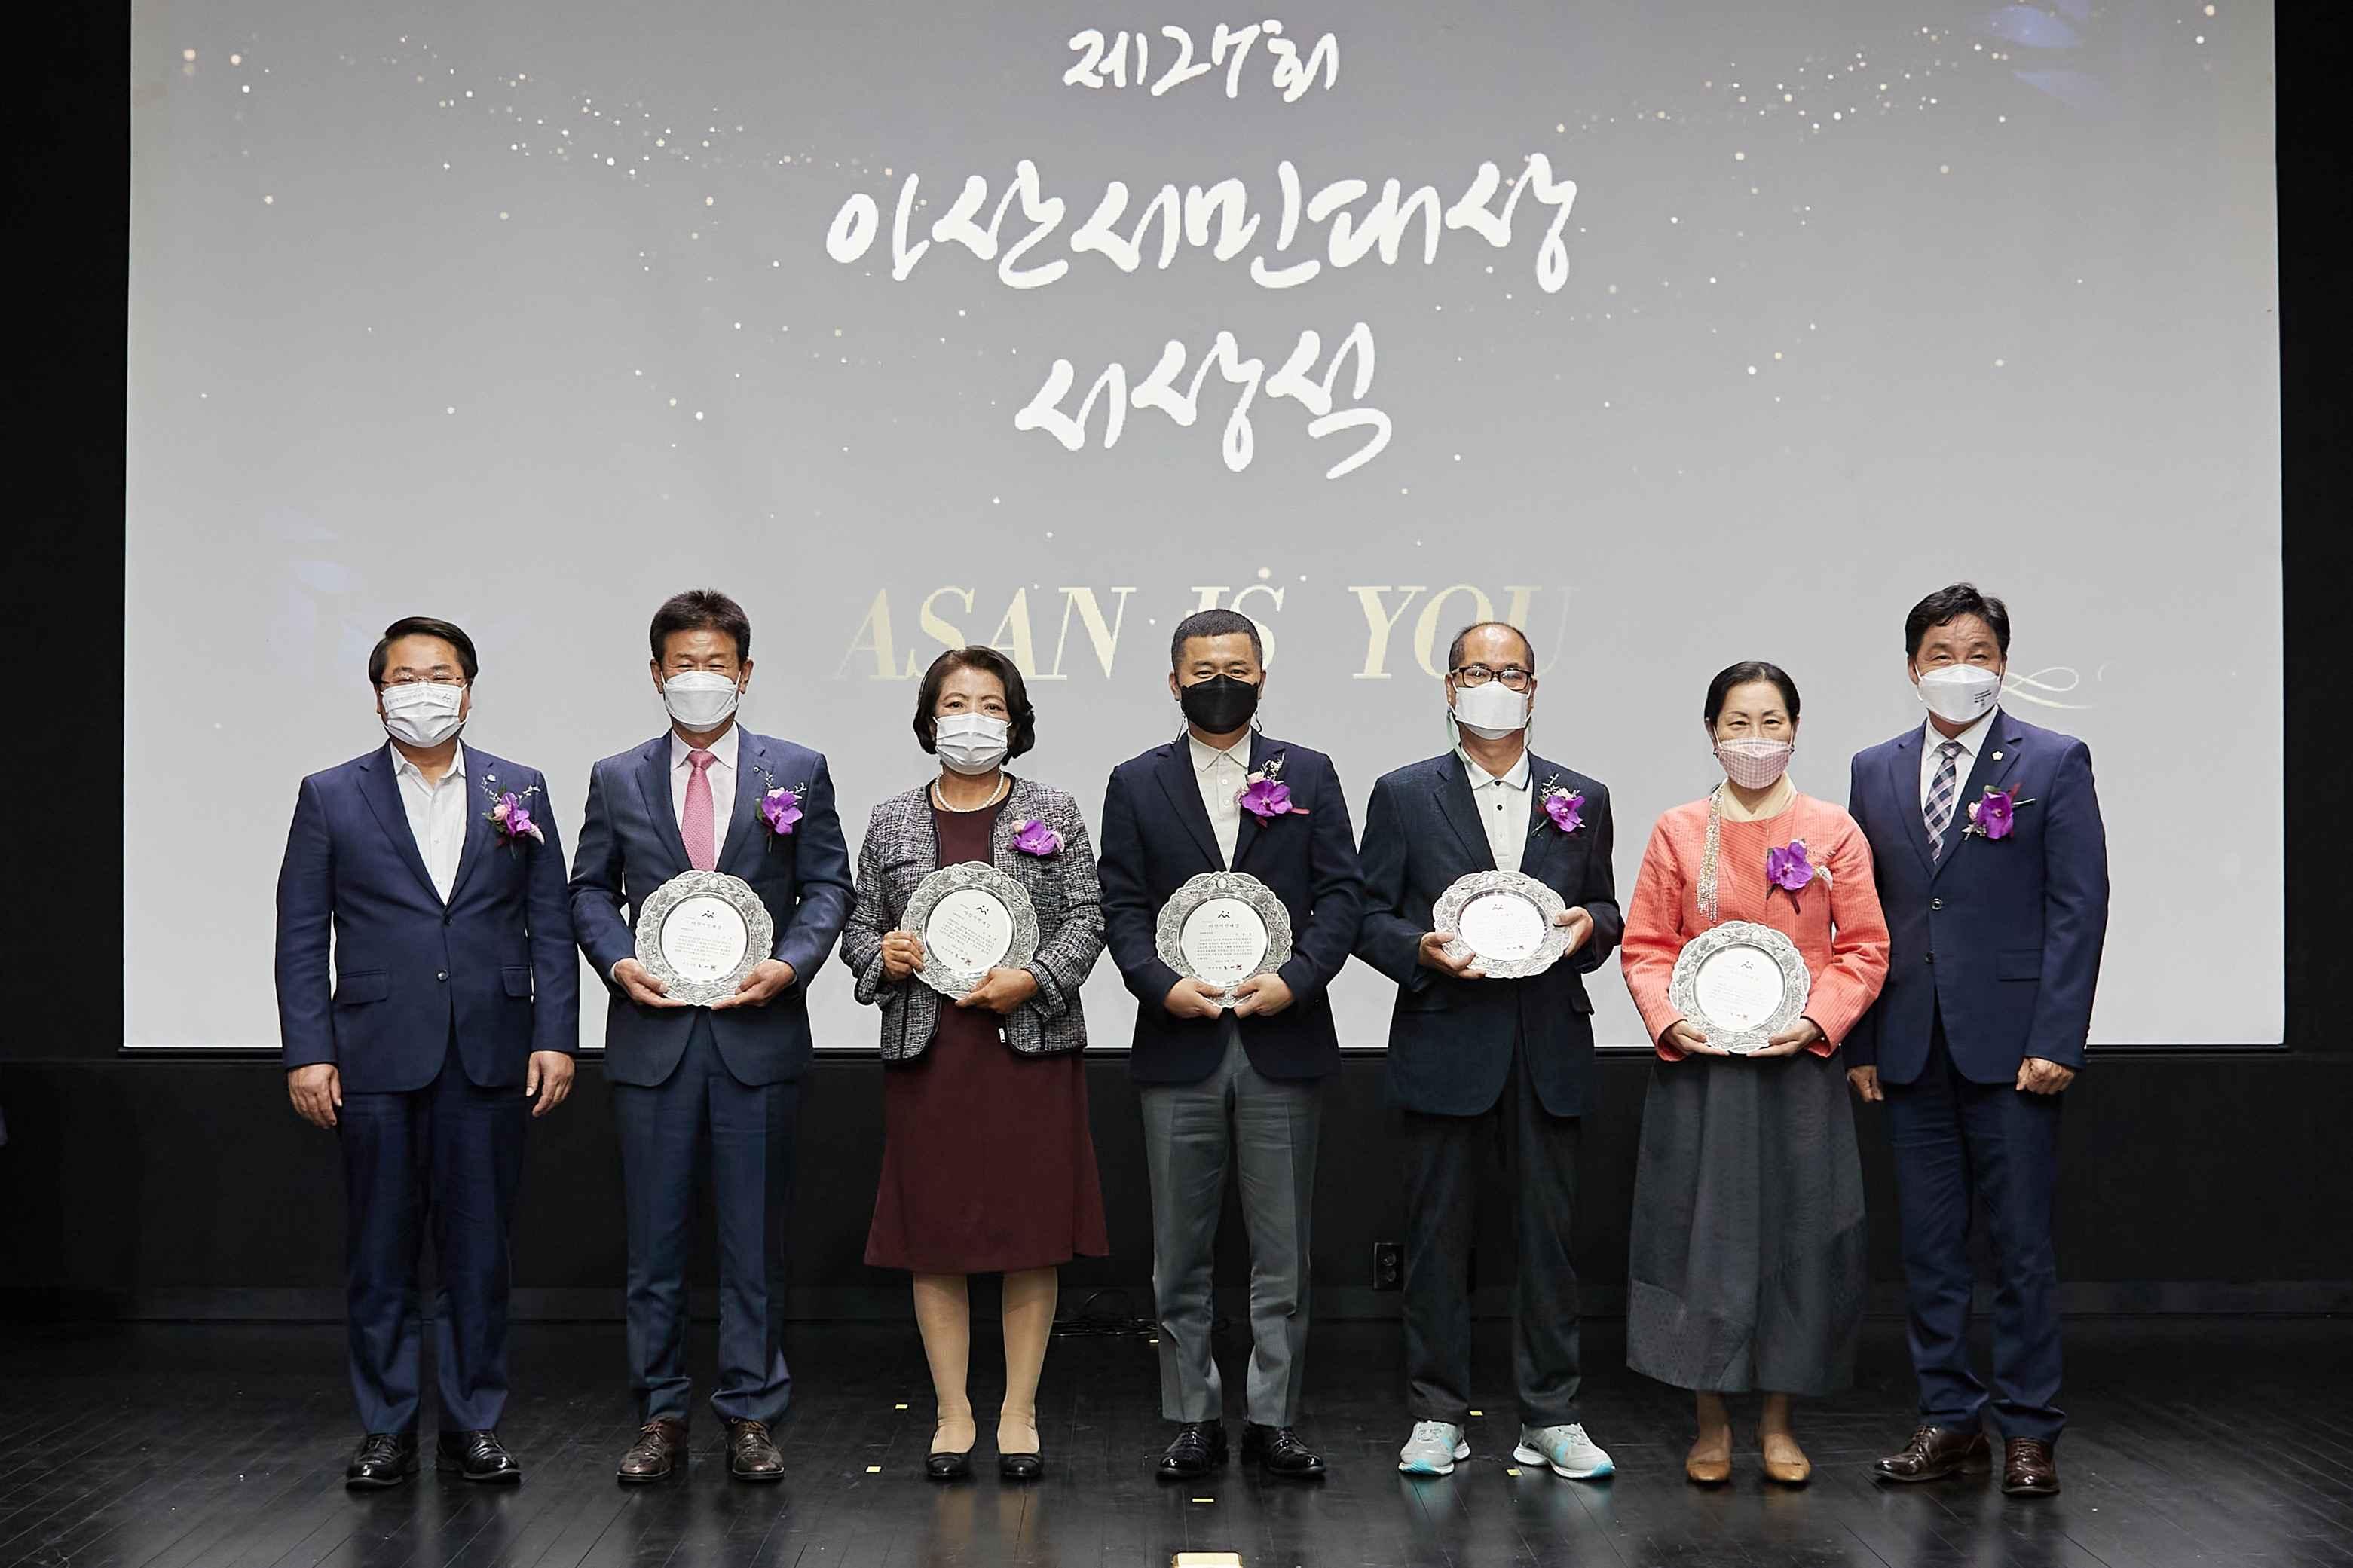 아산시, 제27회 아산시민대상 시상식 개최 관련사진